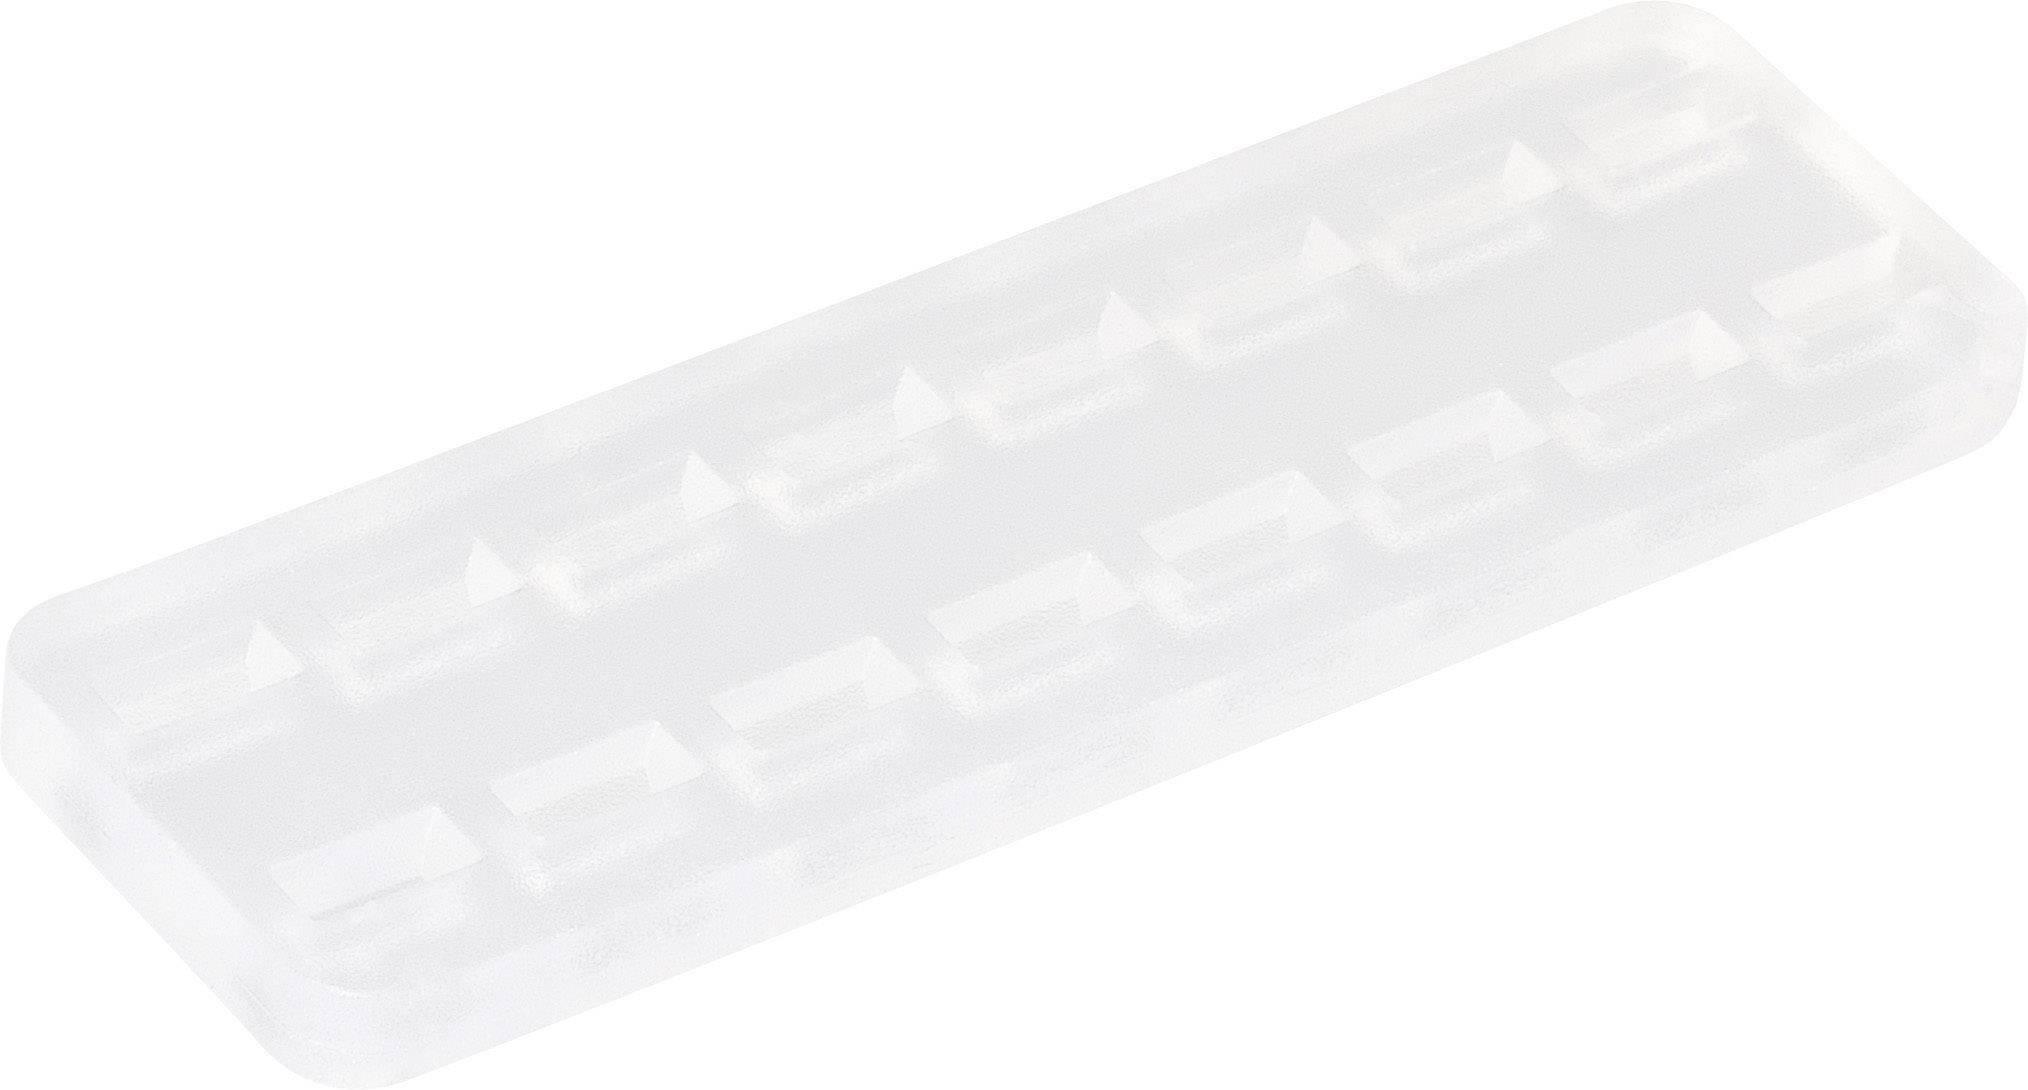 Těsnění pro J-P-T pouzdro TE Connectivity J-P-T (963361-1), přírodní